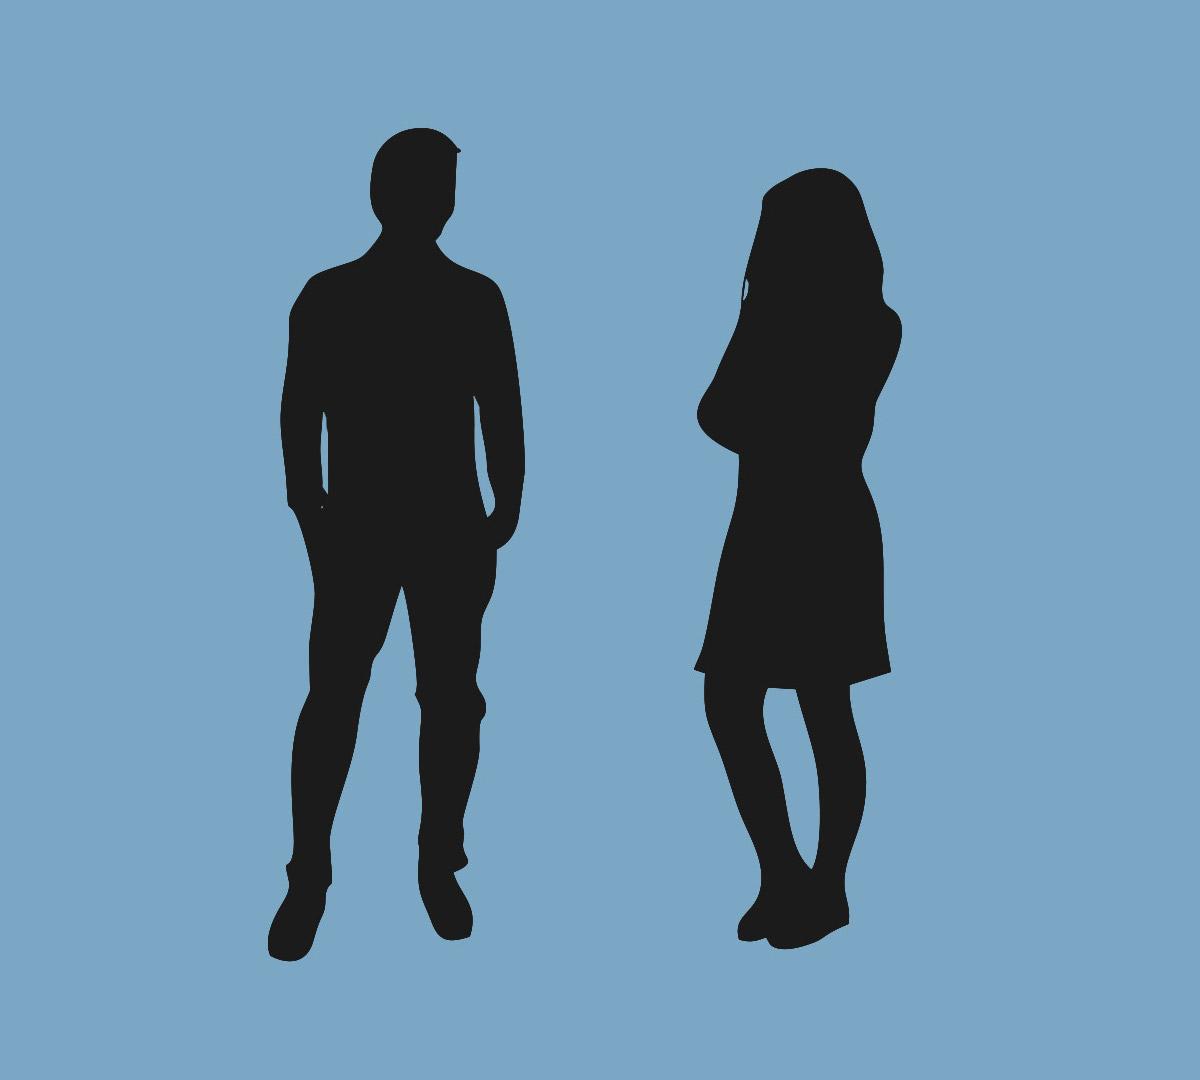 Da li se tvoje ponašanje može svrstati u seksualno uznemiravanje?